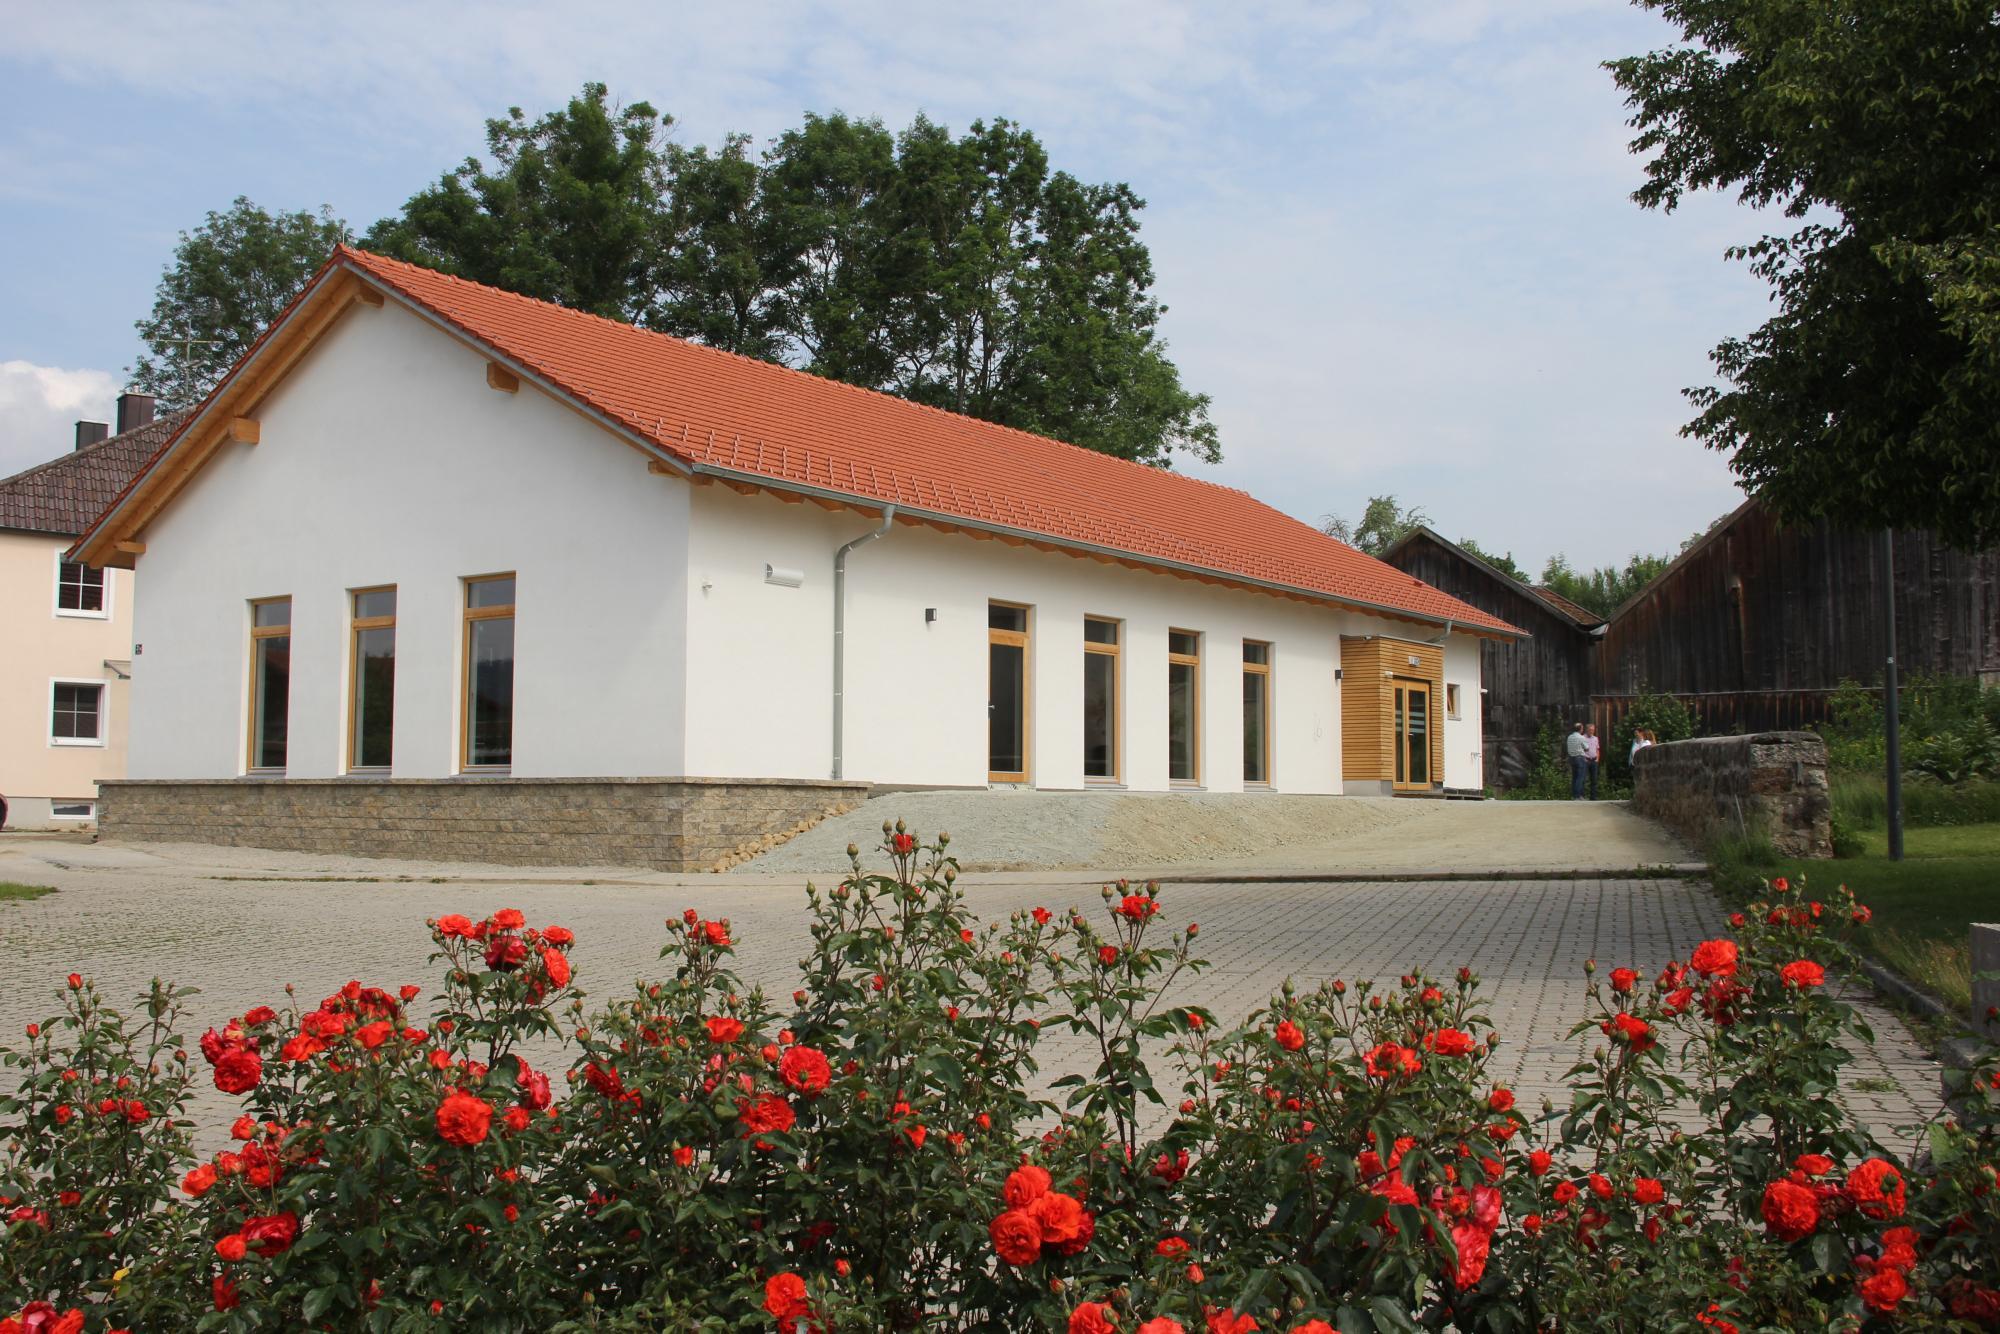 Bp BB Baukollektiv Dorfgemeinschaftshaus Reutern 28 06 2020 48